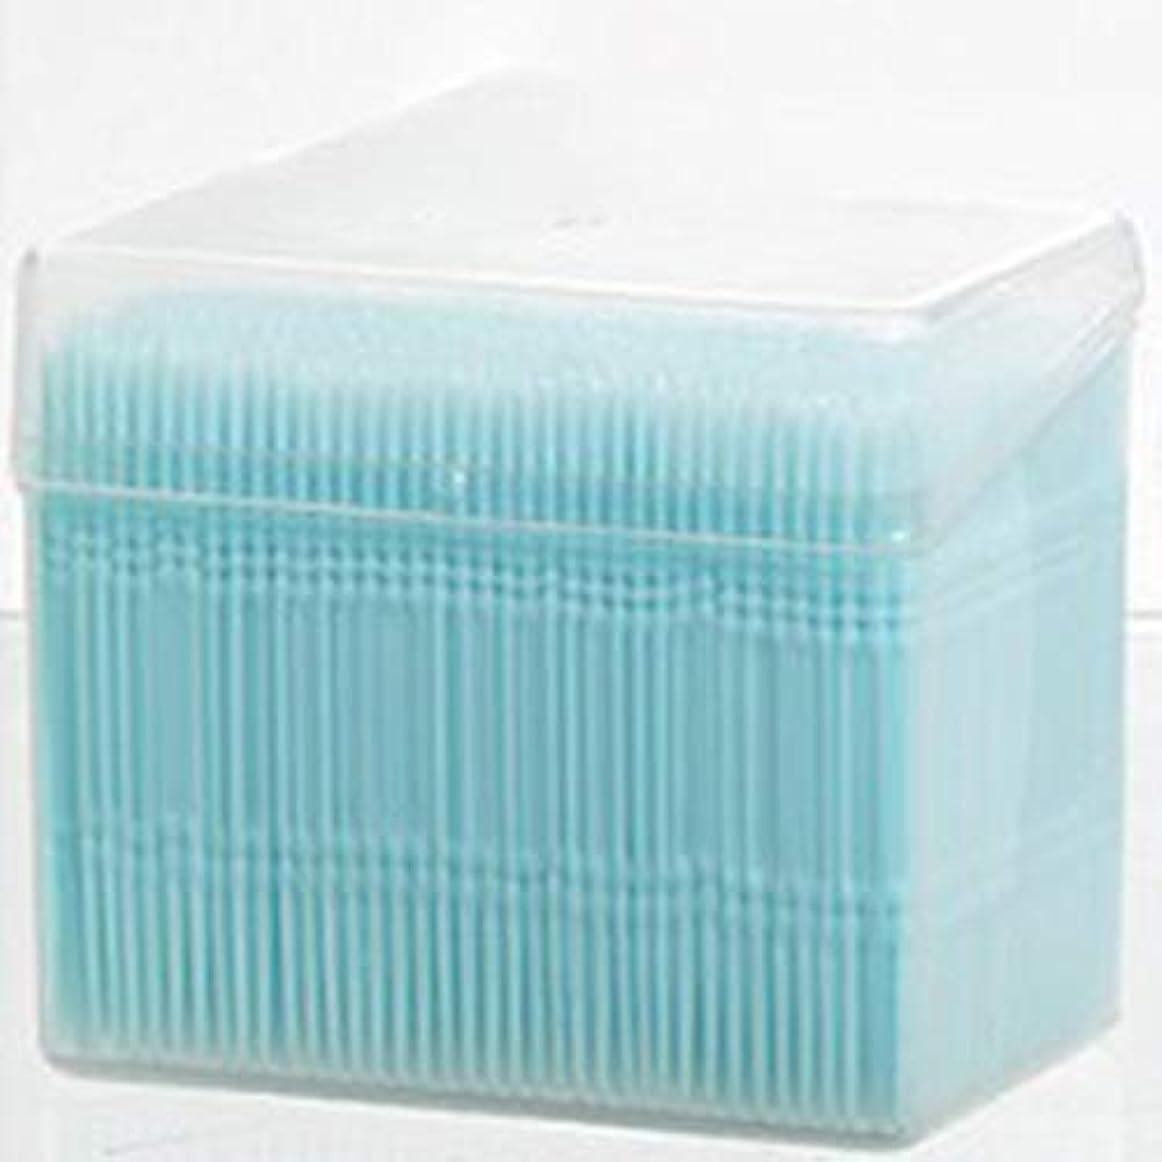 1100ピース/セットダブルヘッド使い捨て歯フロス衛生デンタルフロス歯間つまようじ健康用歯のクリーニングオーラルケア(Color:blue)